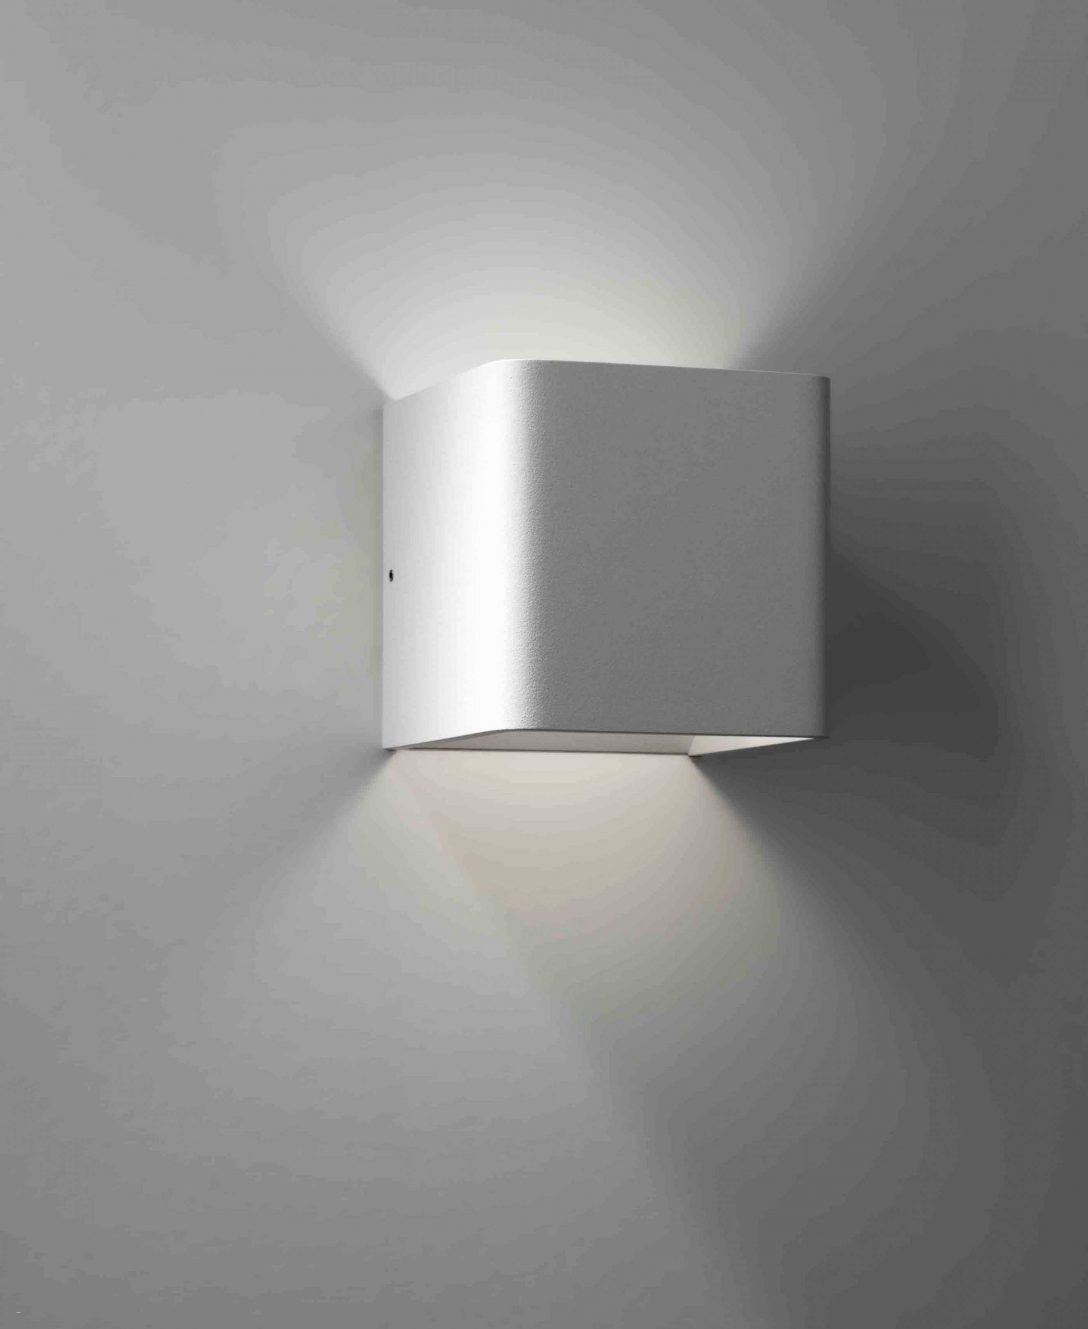 Large Size of Xyzs Wandlampe Kreative Neue Chinesische Wand Lampe Einfache Schlafzimmer Komplettangebote Rauch Wandtattoo Landhaus Landhausstil Regal Betten Massivholz Schlafzimmer Schlafzimmer Wandlampe